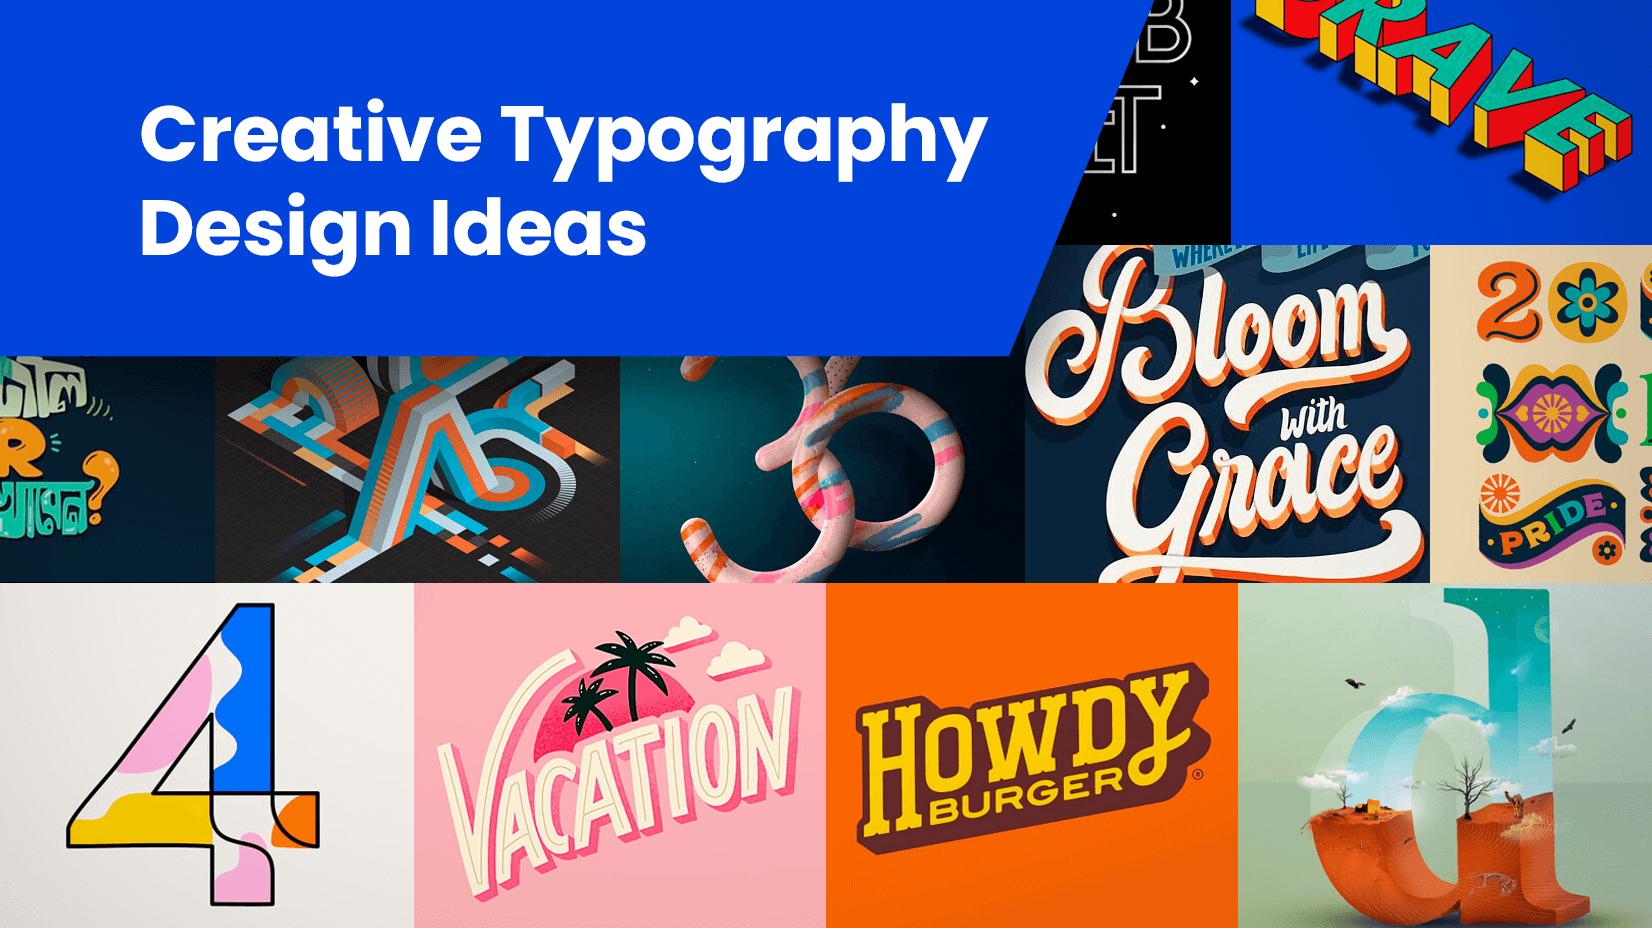 14种实用且流行的方法来使排版更具创意